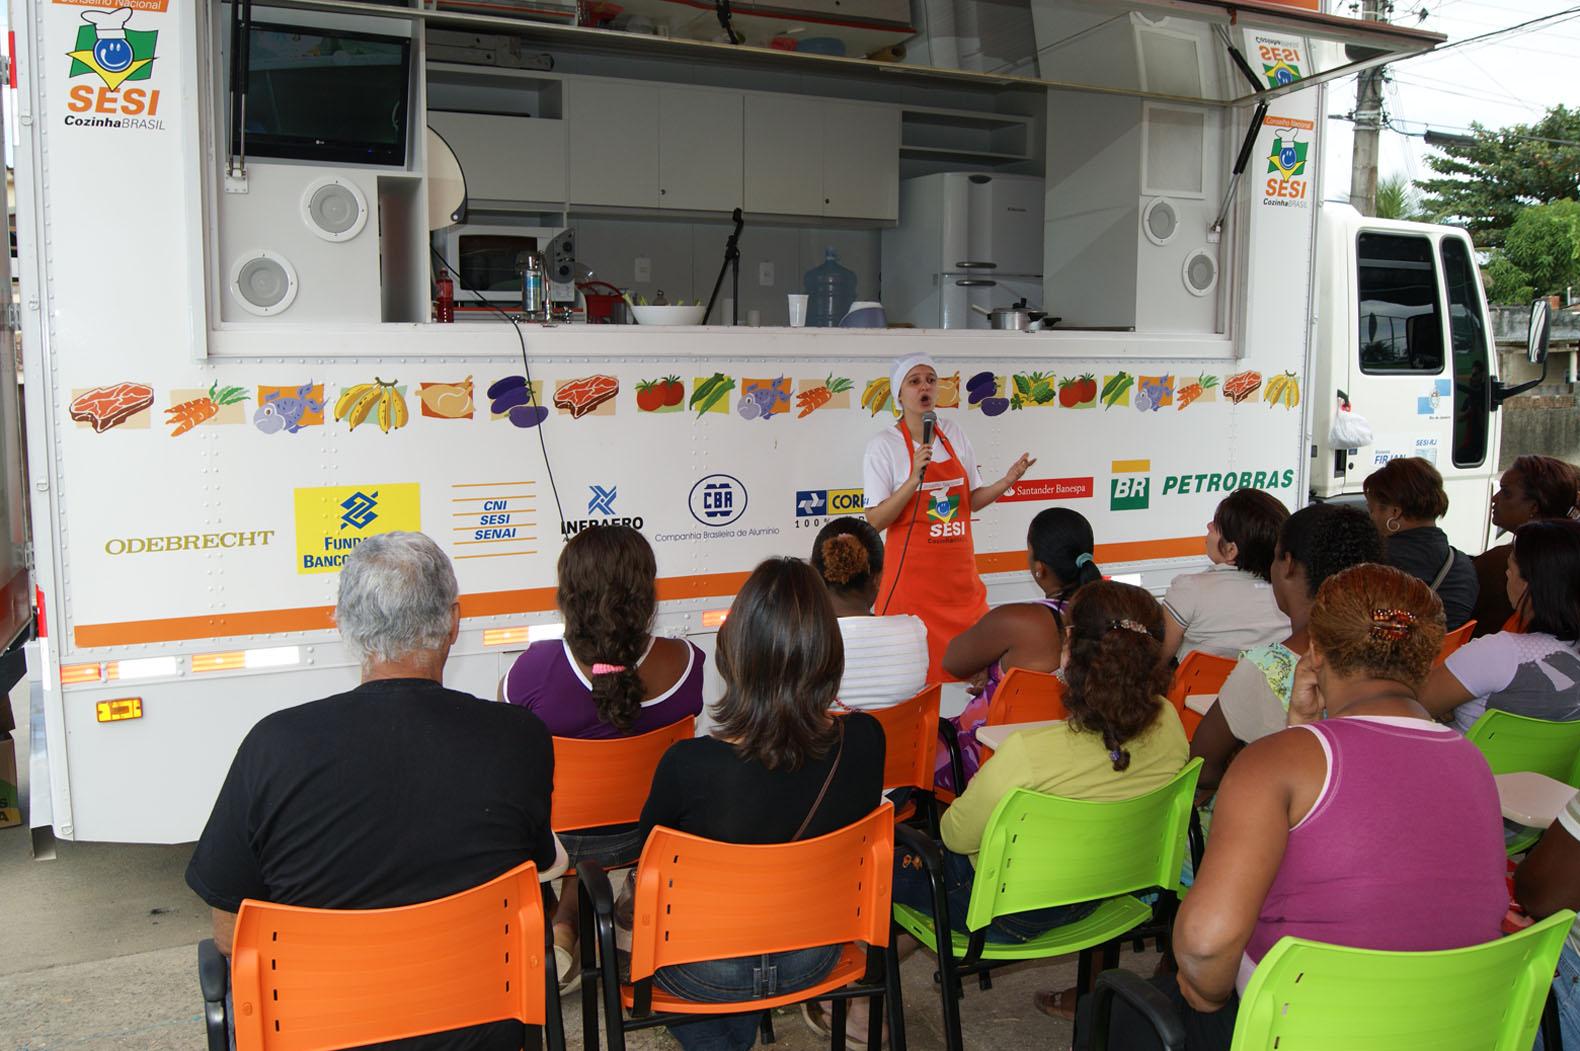 #B83C13 Prefeitura de Queimados: Programa Cozinha Brasil ensina donas de casa  1580x1051 px Programa Cozinha Brasil Receitas_3936 Imagens